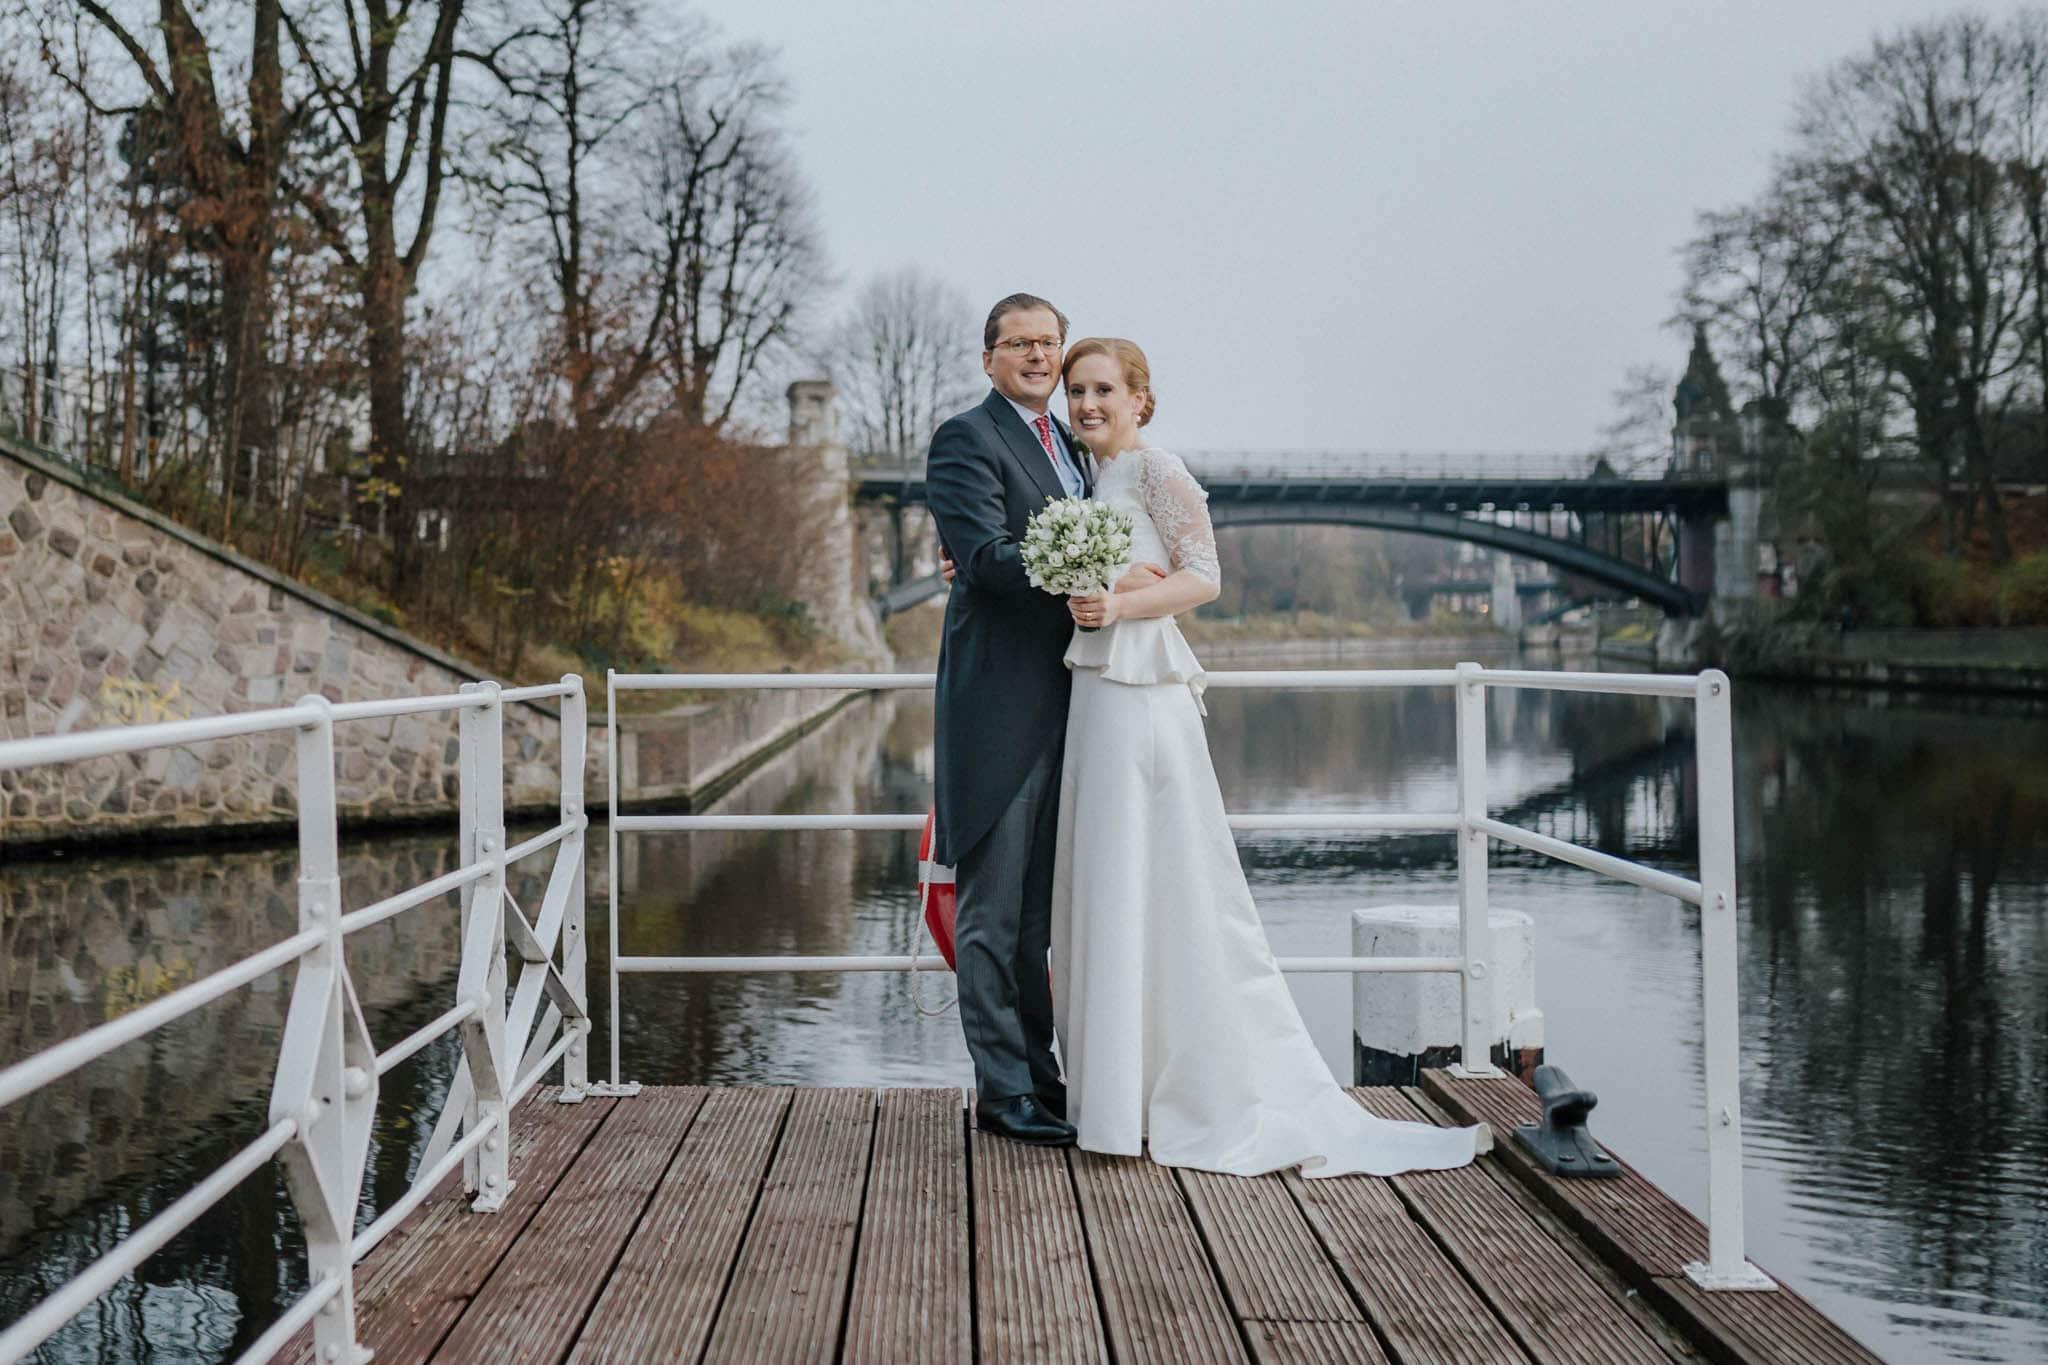 Hochzeitsfieber by Photo-Schomburg, Hochzeitsfotograf, Hamburg,Hochzeitstag, Hochzeitspaar, Braut, Bräutigam, Literaturhauscafe Hamburg-40